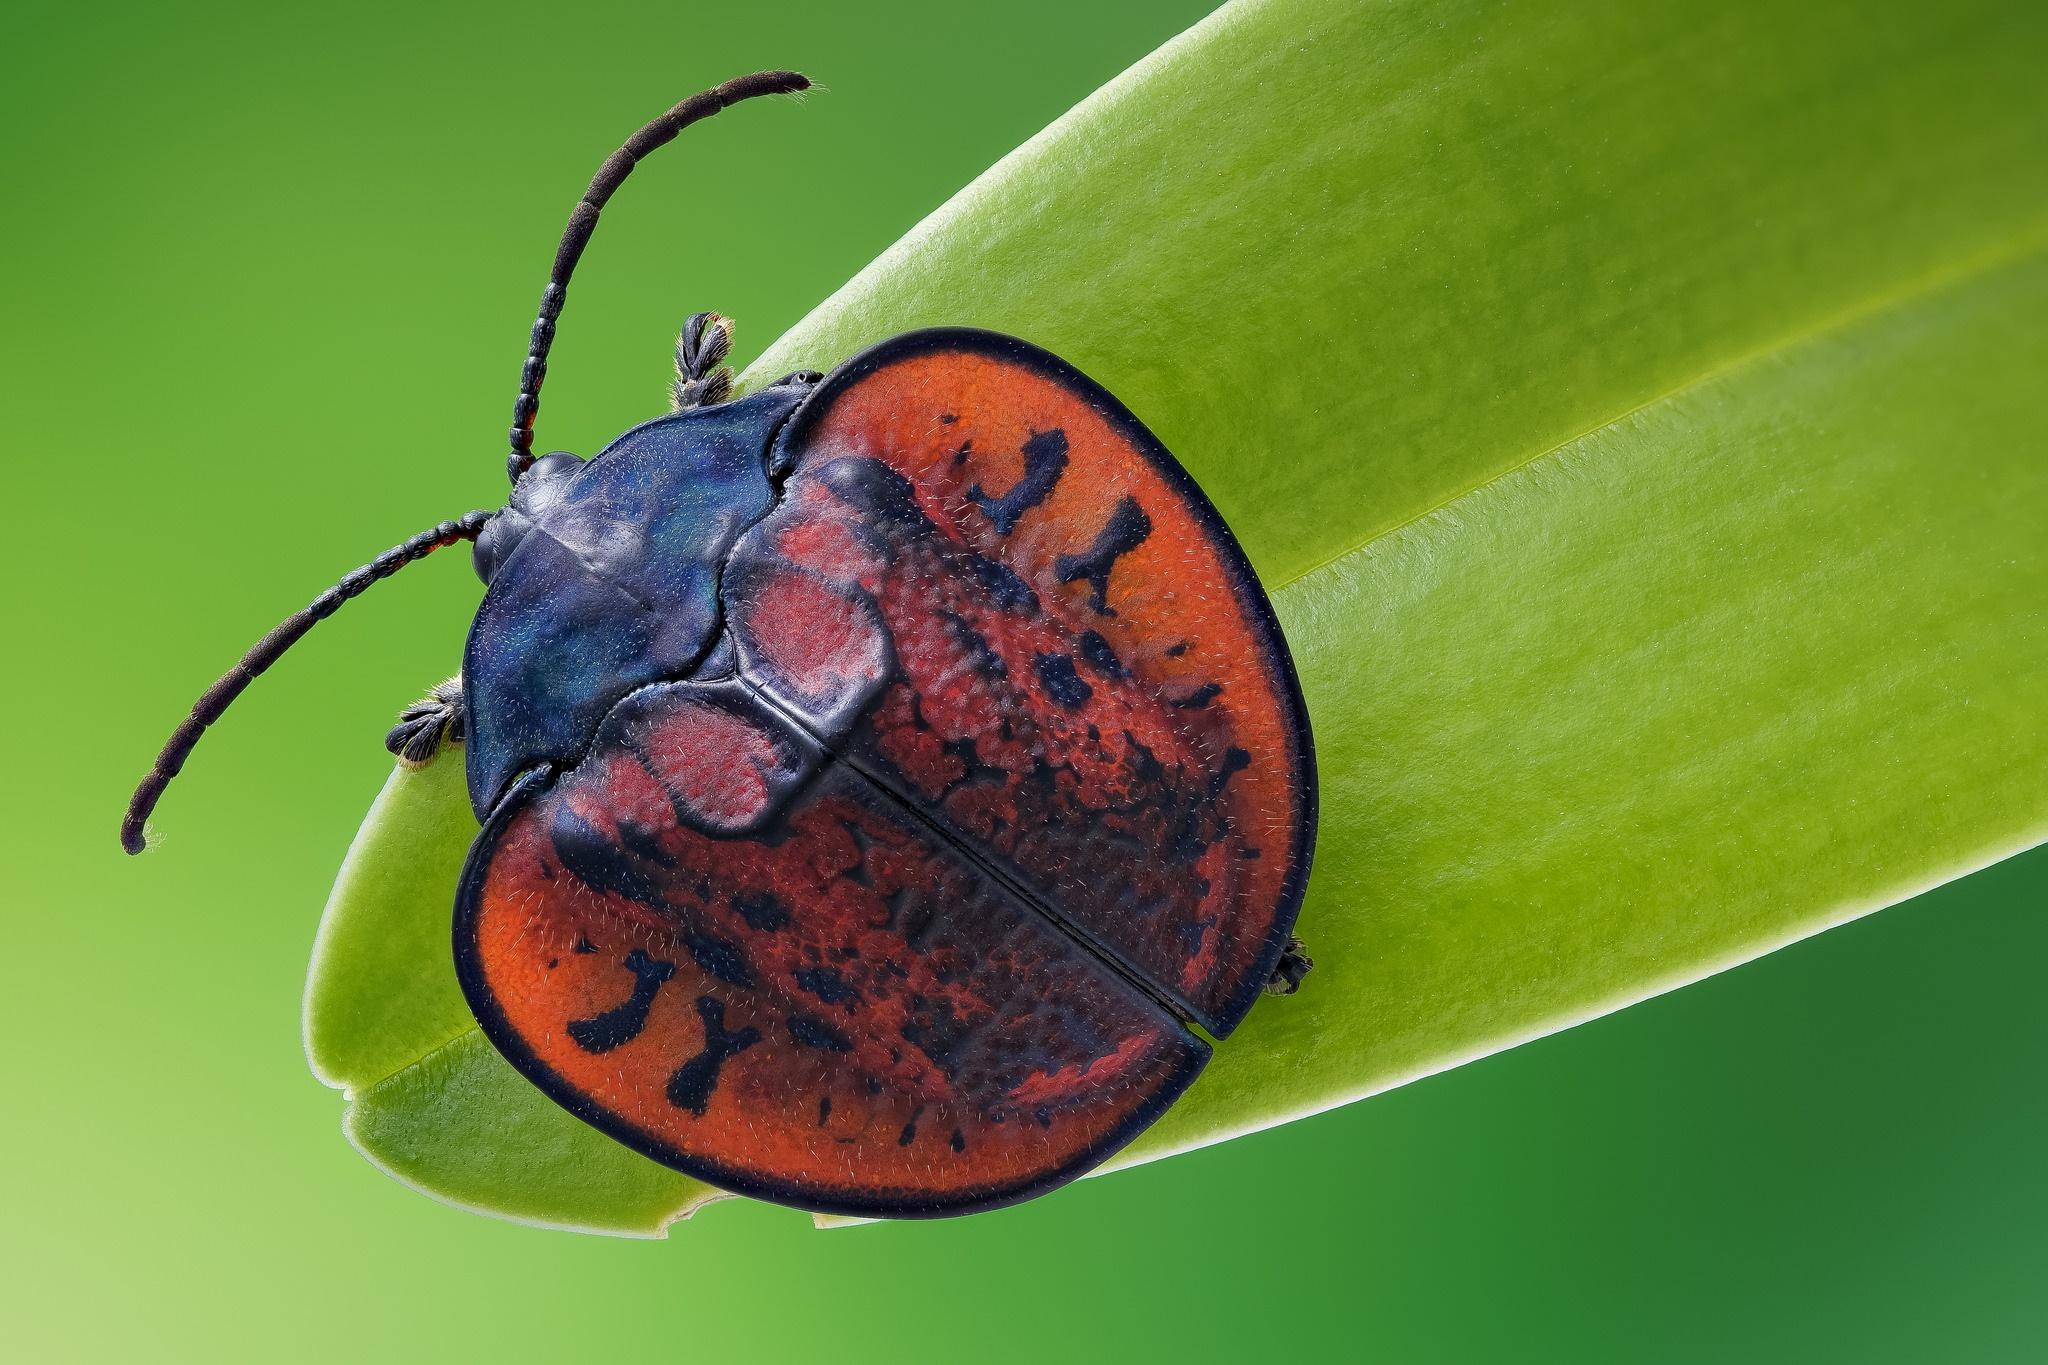 бывают новогодние картинки с красивыми жуками теперь, когда увидел